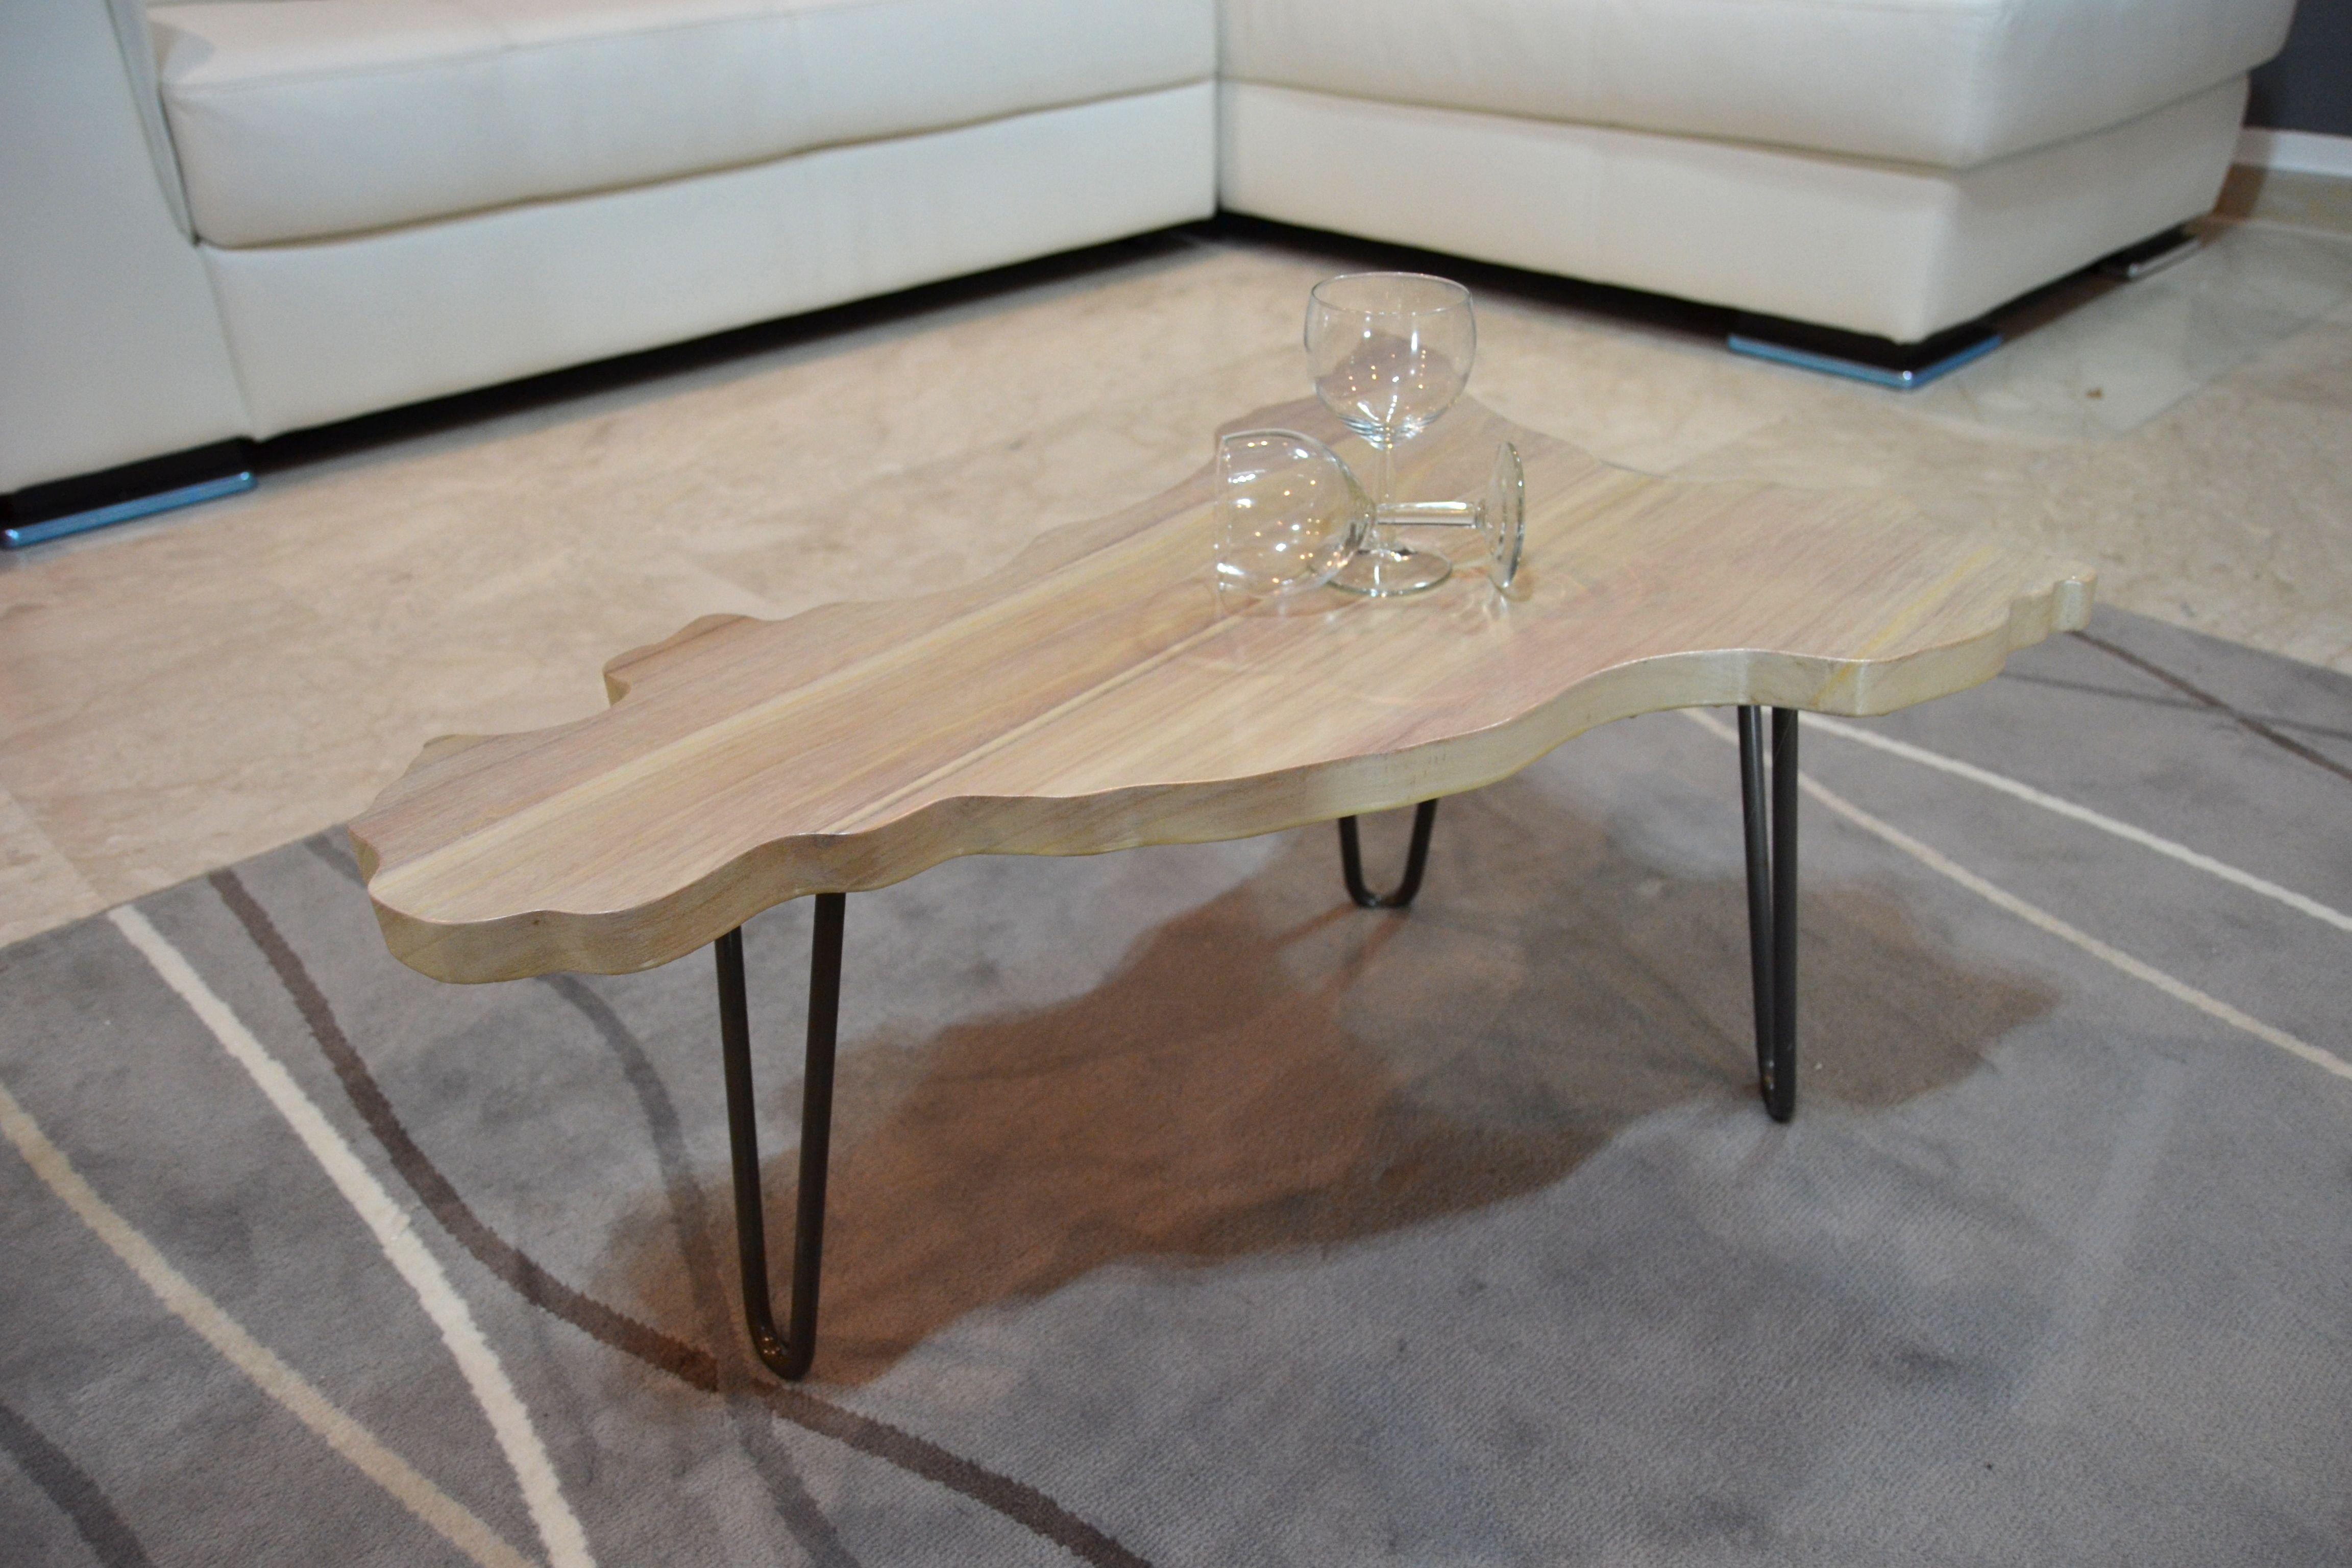 Tavolino Salotto Design Legno.Tavolino Salotto Tavolini Salotto Tav Nel 2019 Tavolini